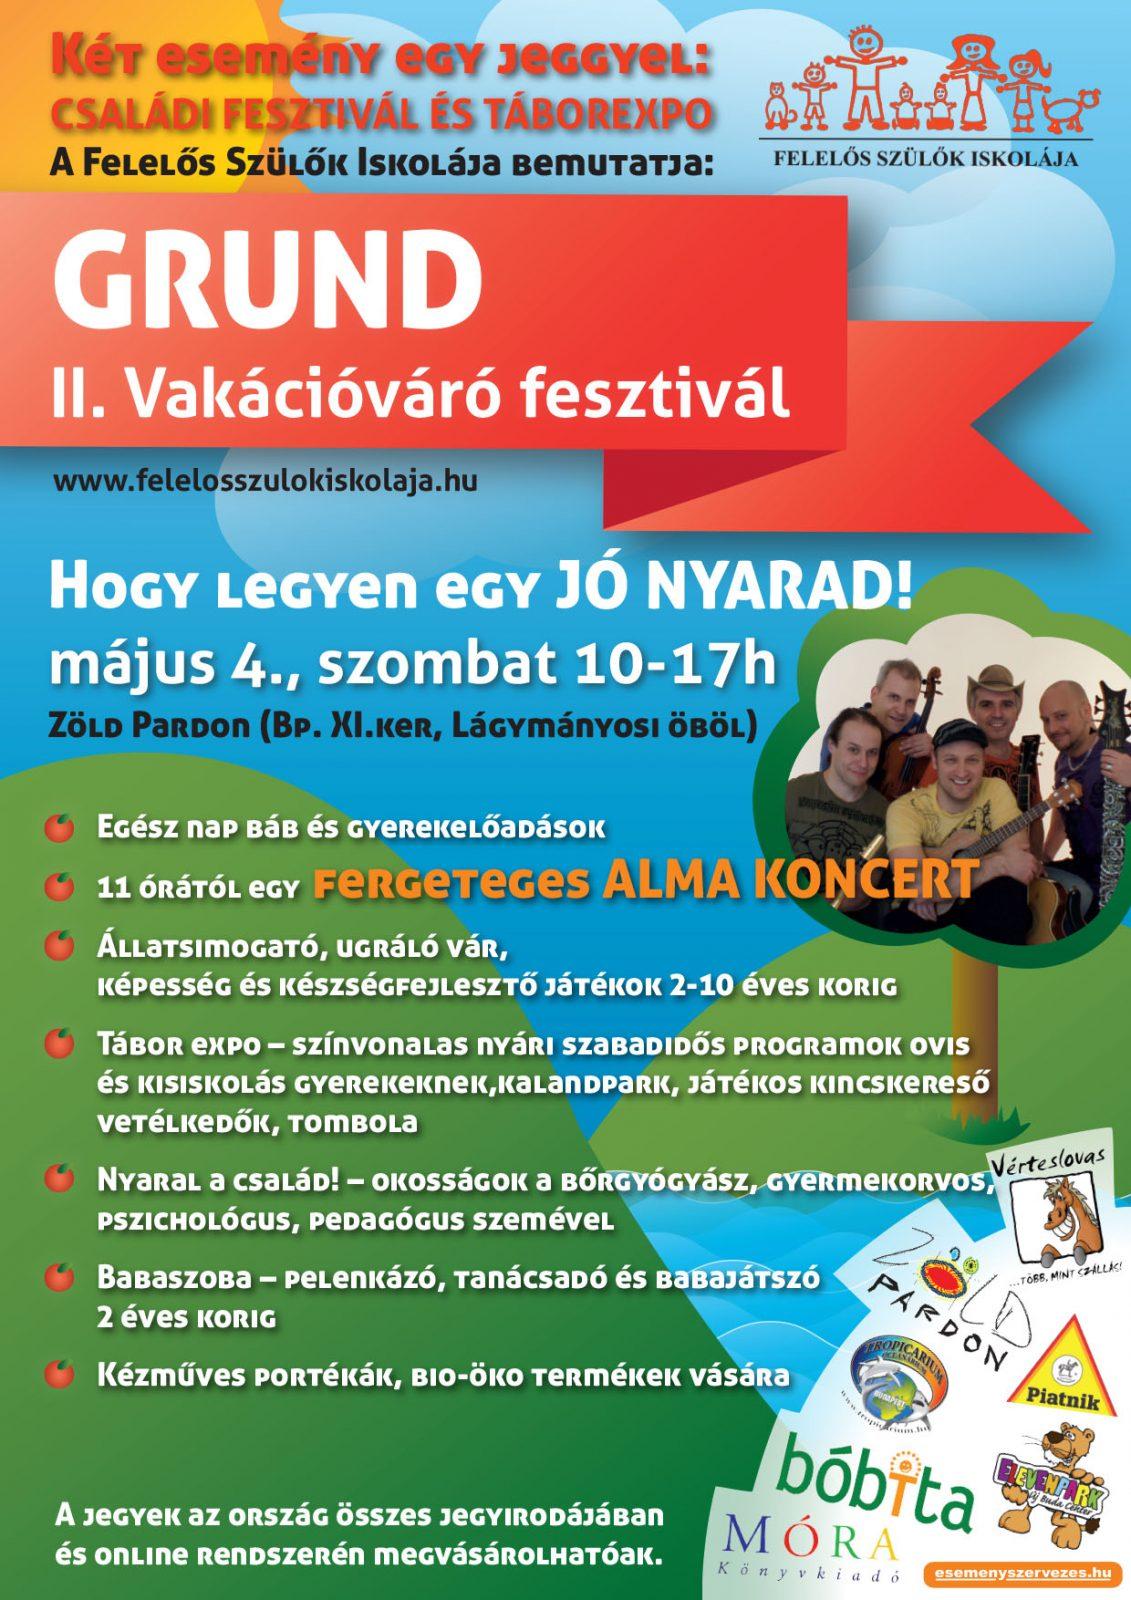 GRUND II. Vakációváró fesztivál